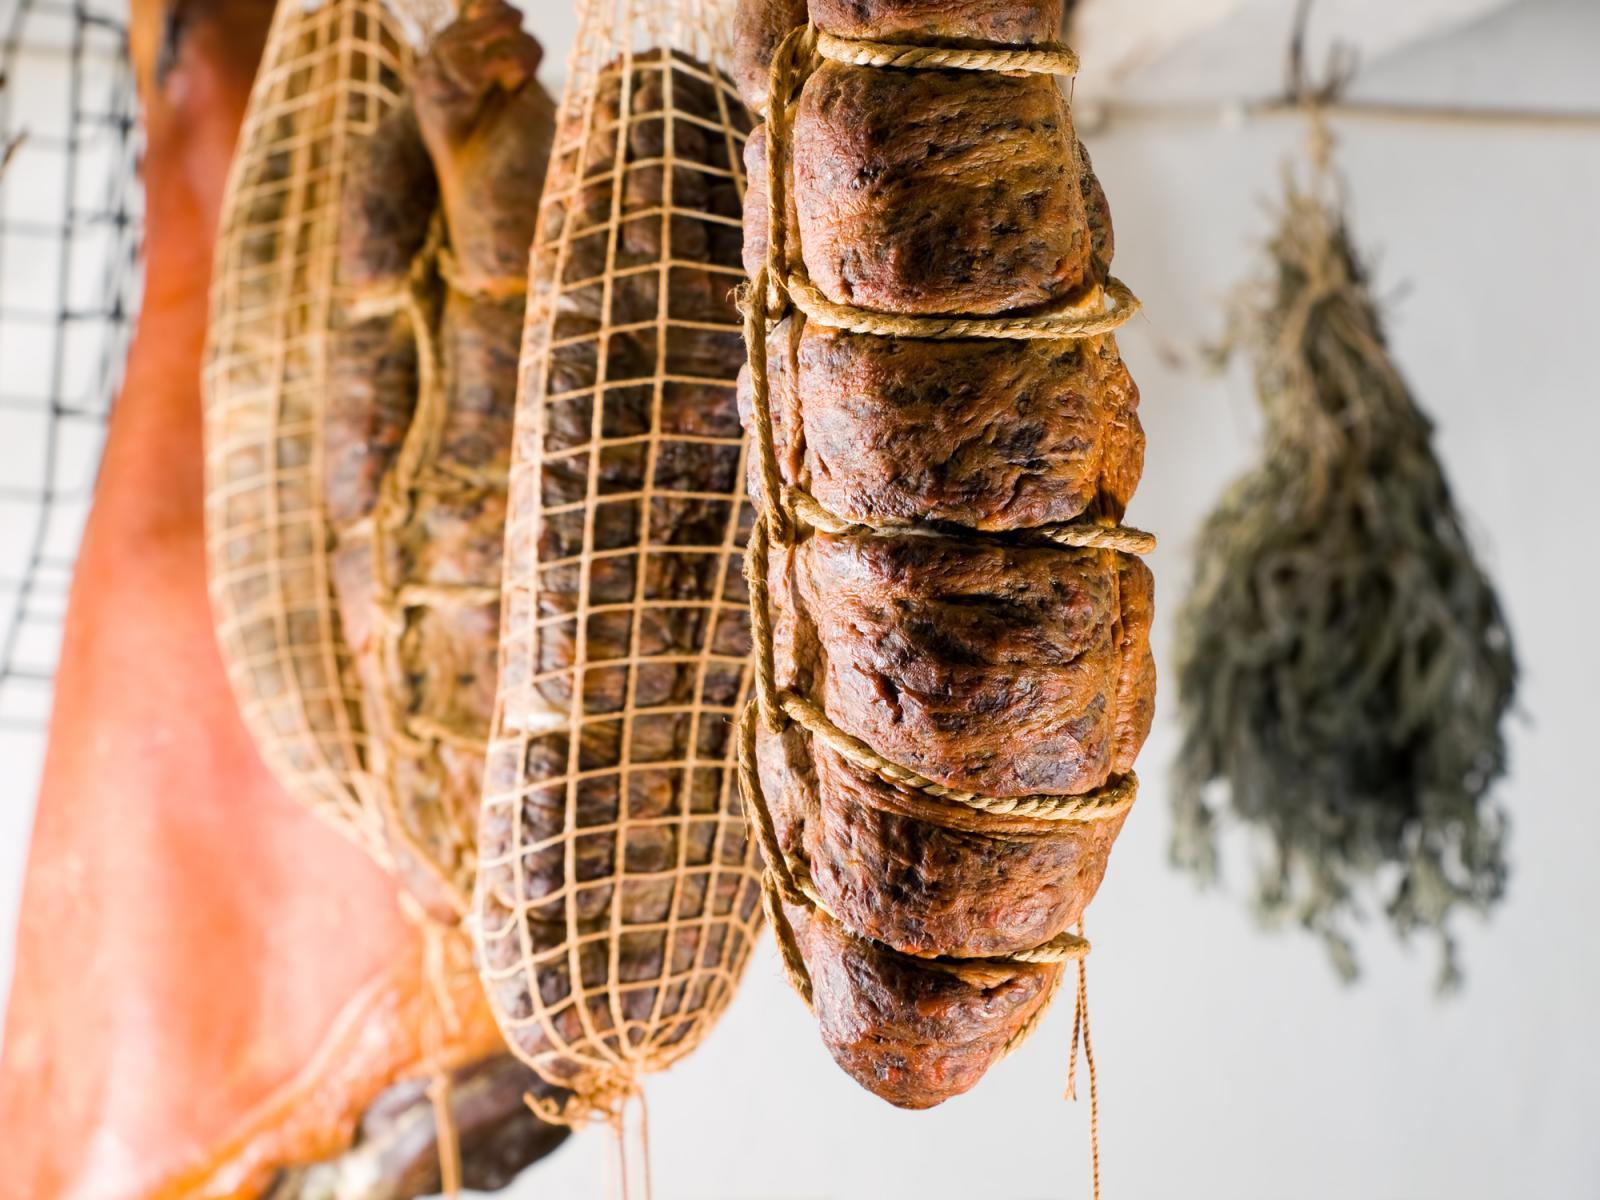 Ako se ičime možemo pohvaliti, tada su to tradicionalni domaći proizvodi...